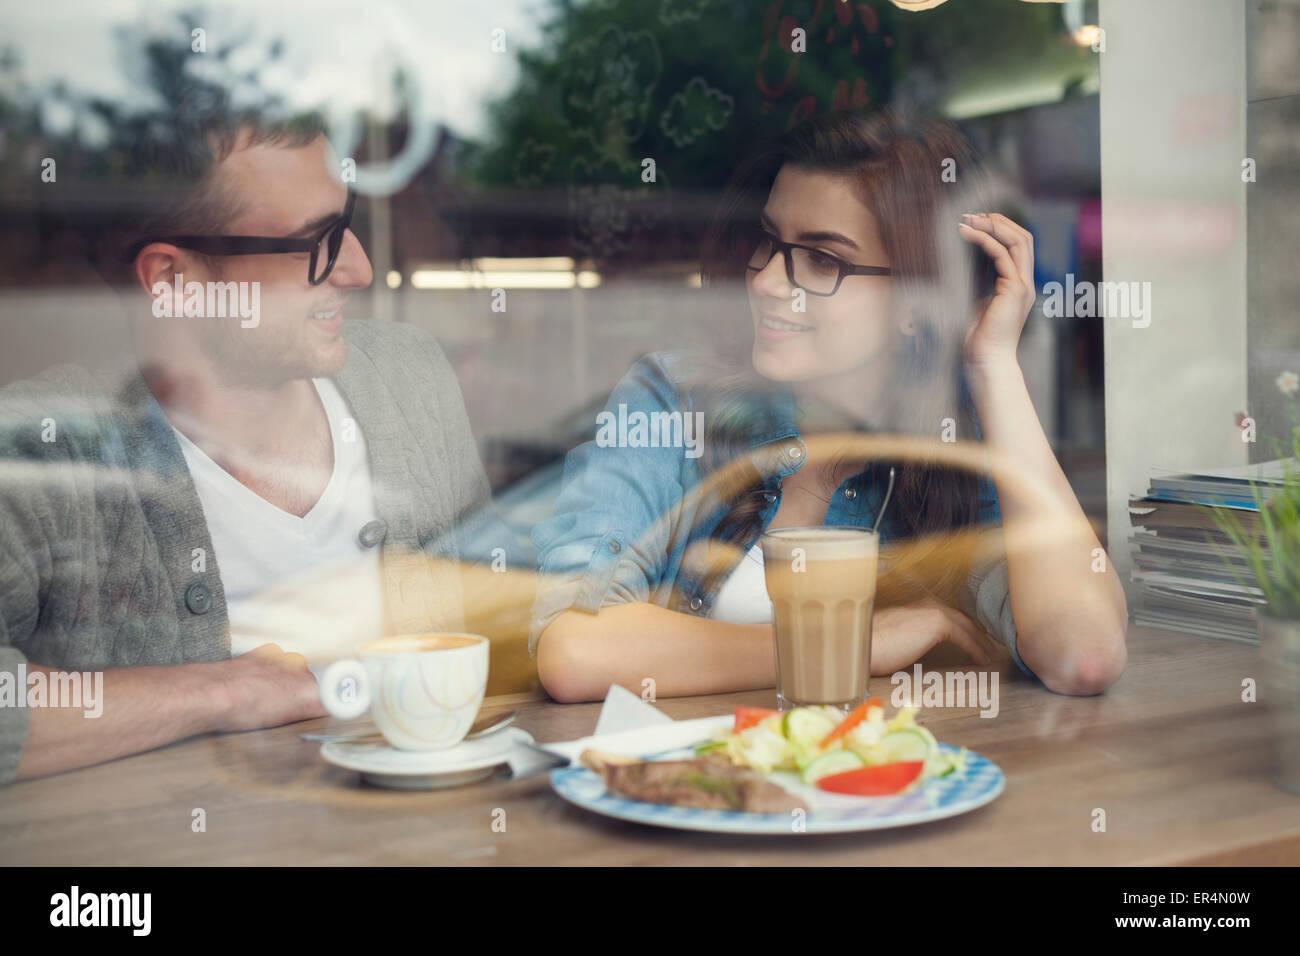 Heureux l'homme et la femme à l'heure du déjeuner. Cracovie, Pologne Photo Stock